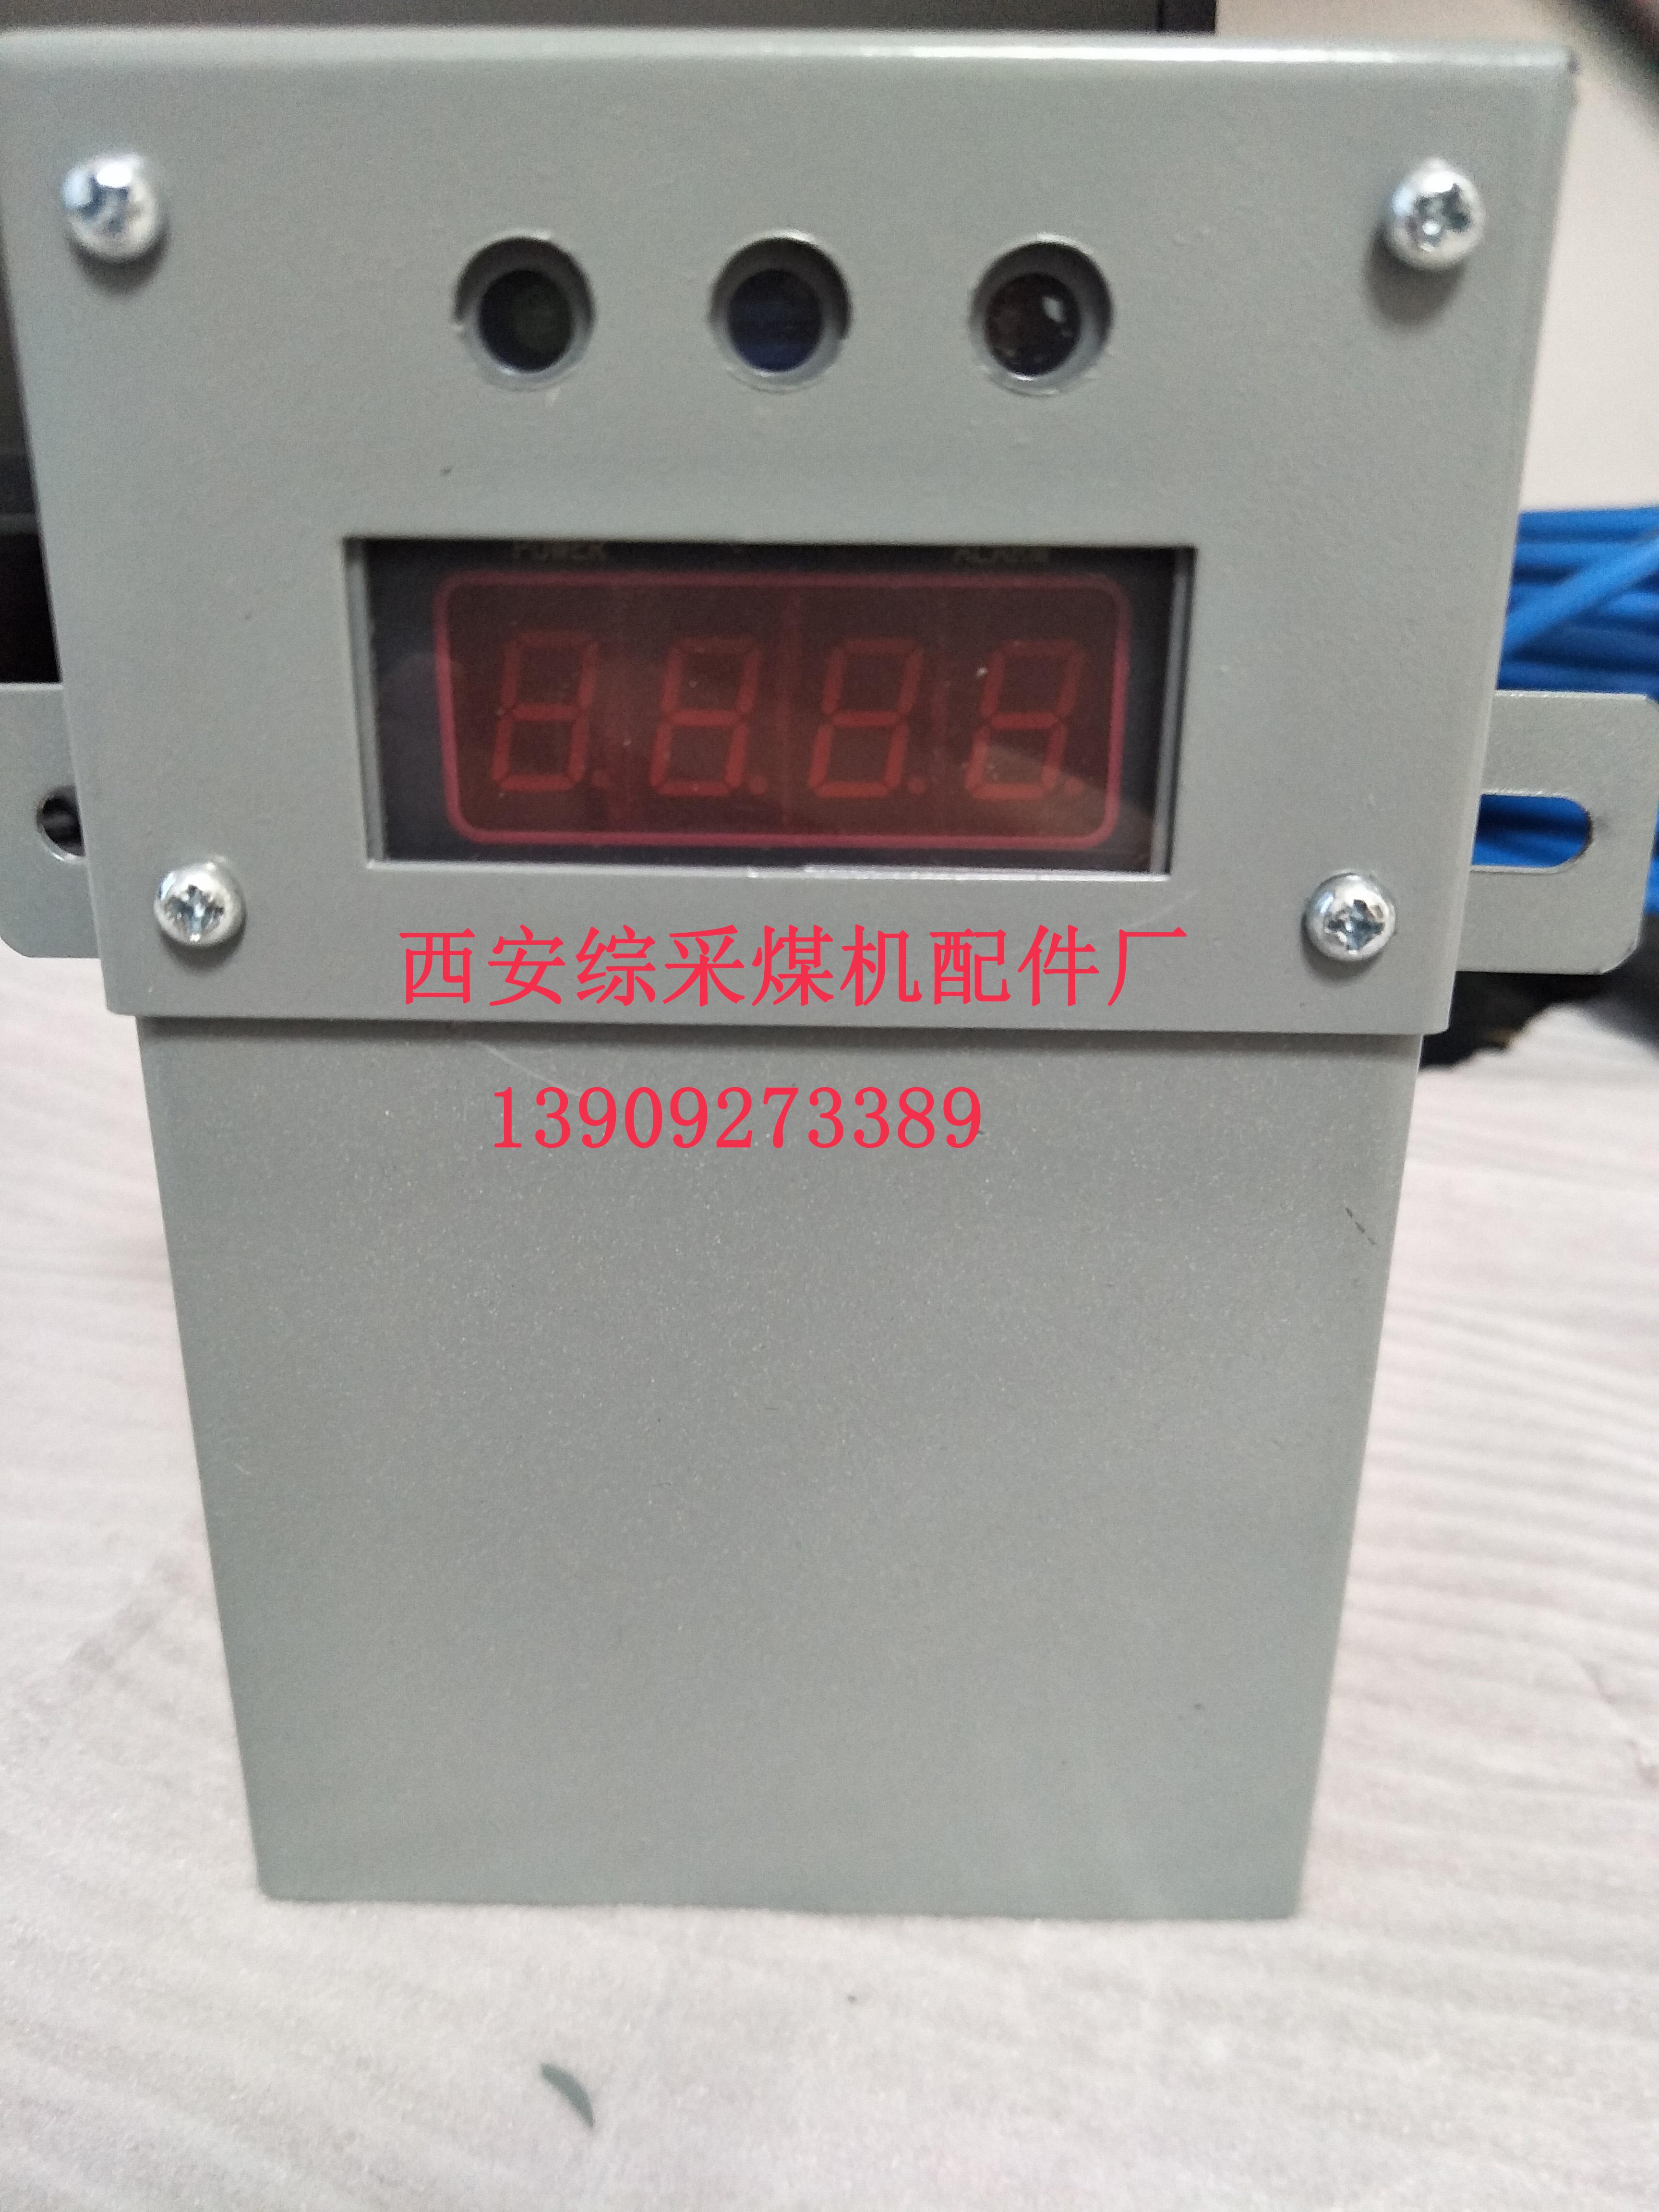 西安煤机断电仪 西煤机断电仪 西安采煤机断电仪 矿用断电仪